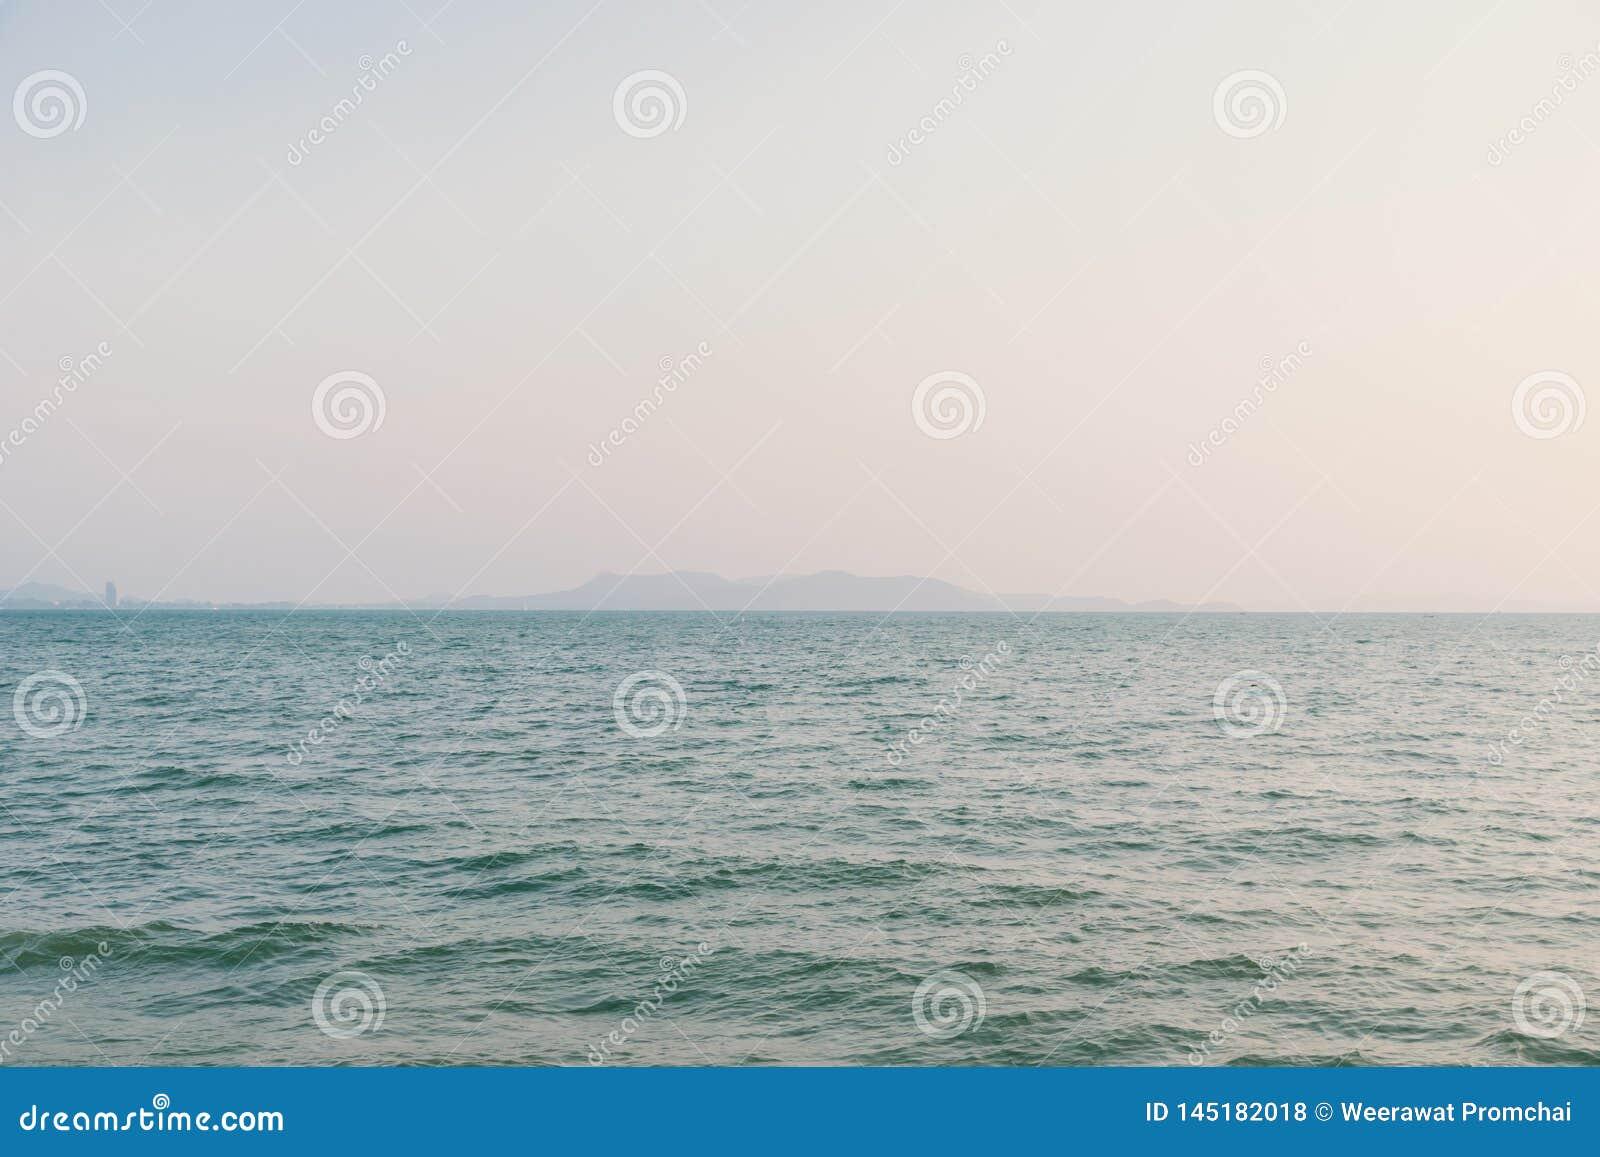 Romantisch zomerzeegezicht met glasheldere overzees